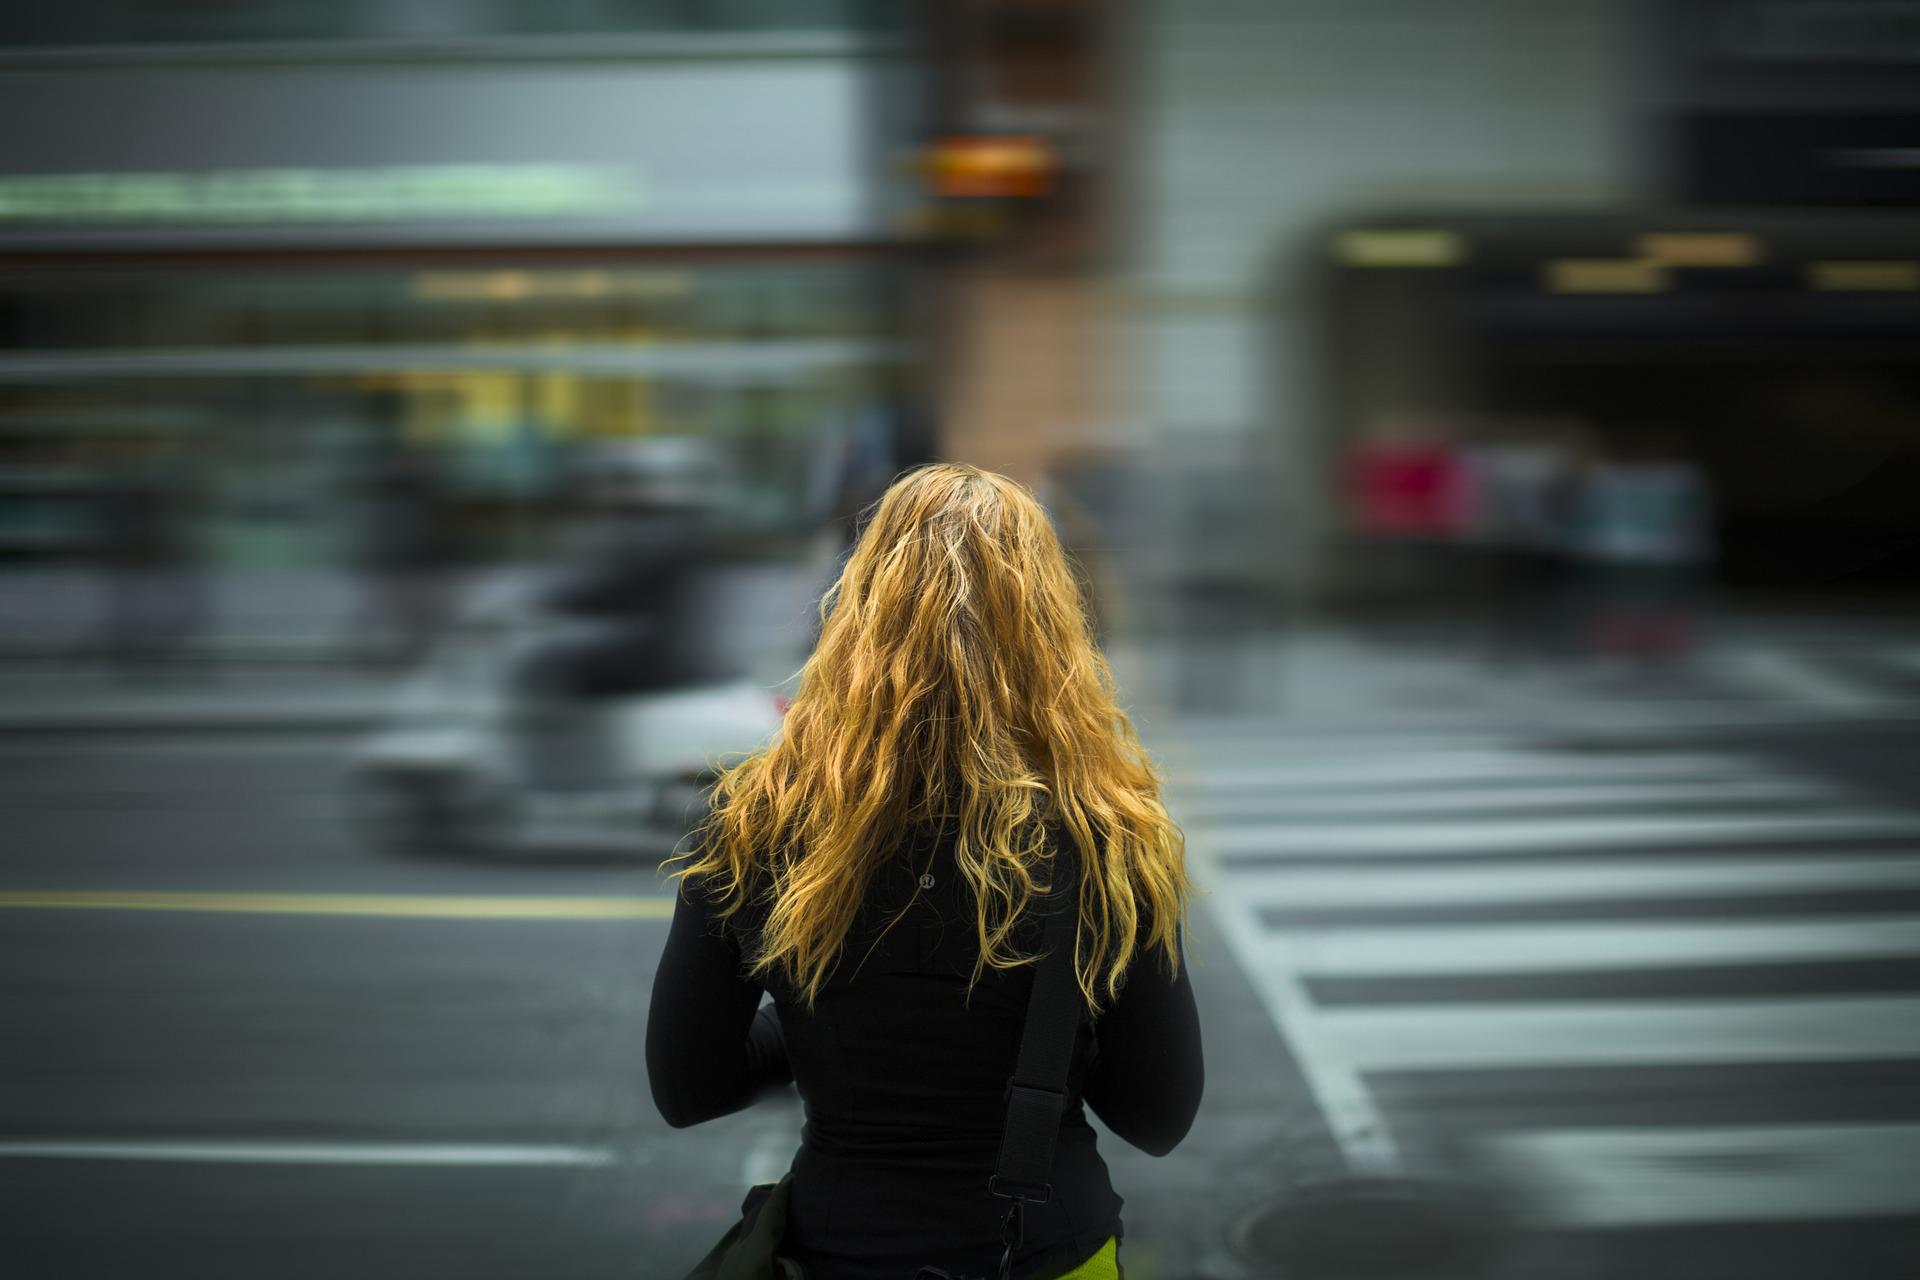 giovanna rossi 46 percento - donne al lavoro